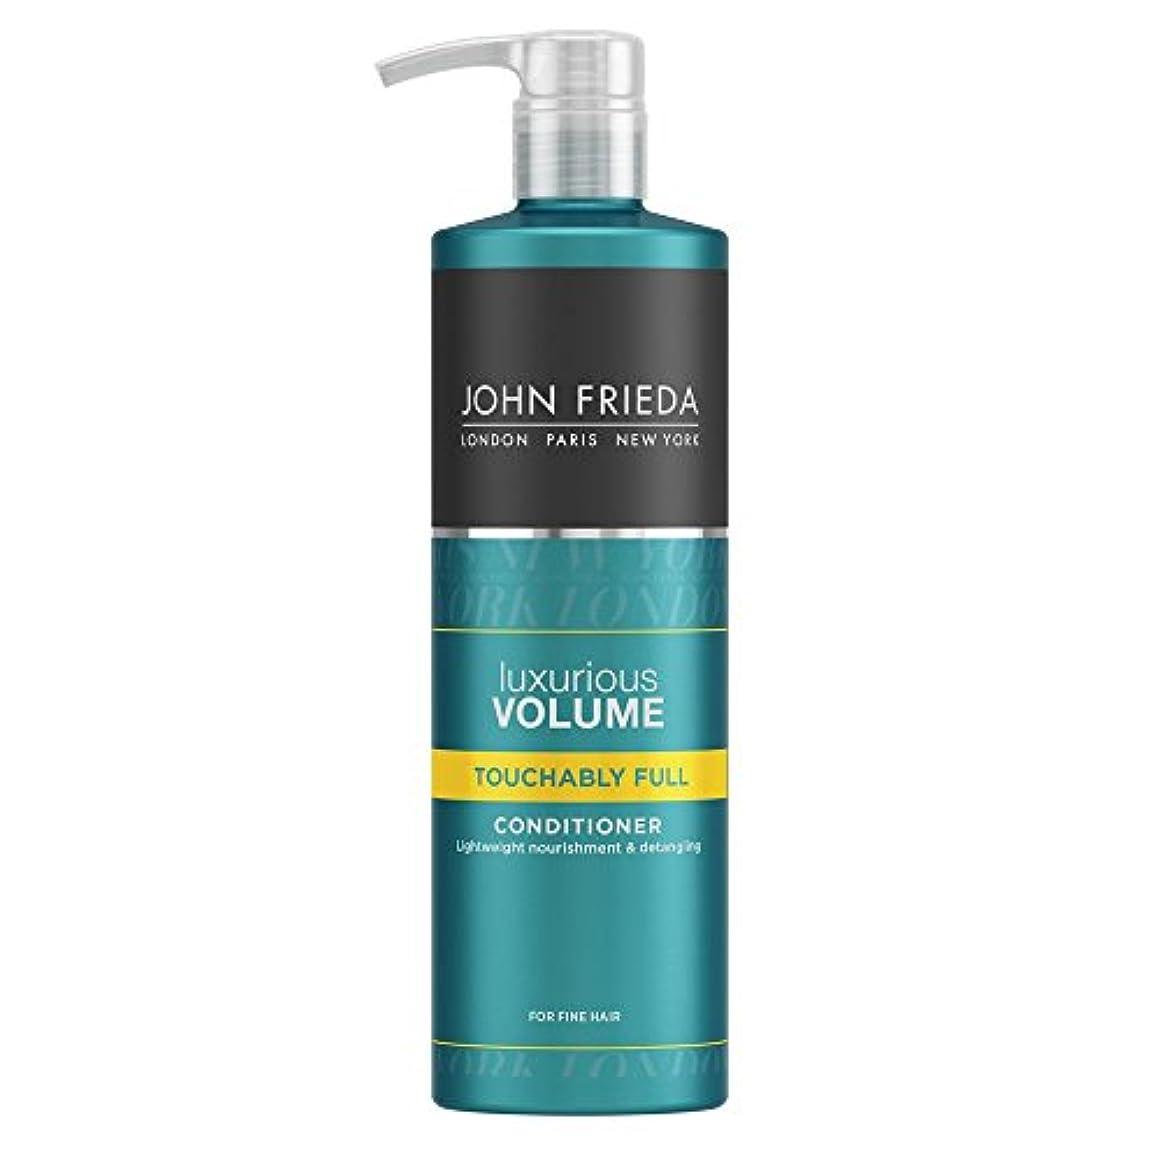 補助変換する自伝John Frieda Luxurious Volume Touchably Full Conditioner 500ml